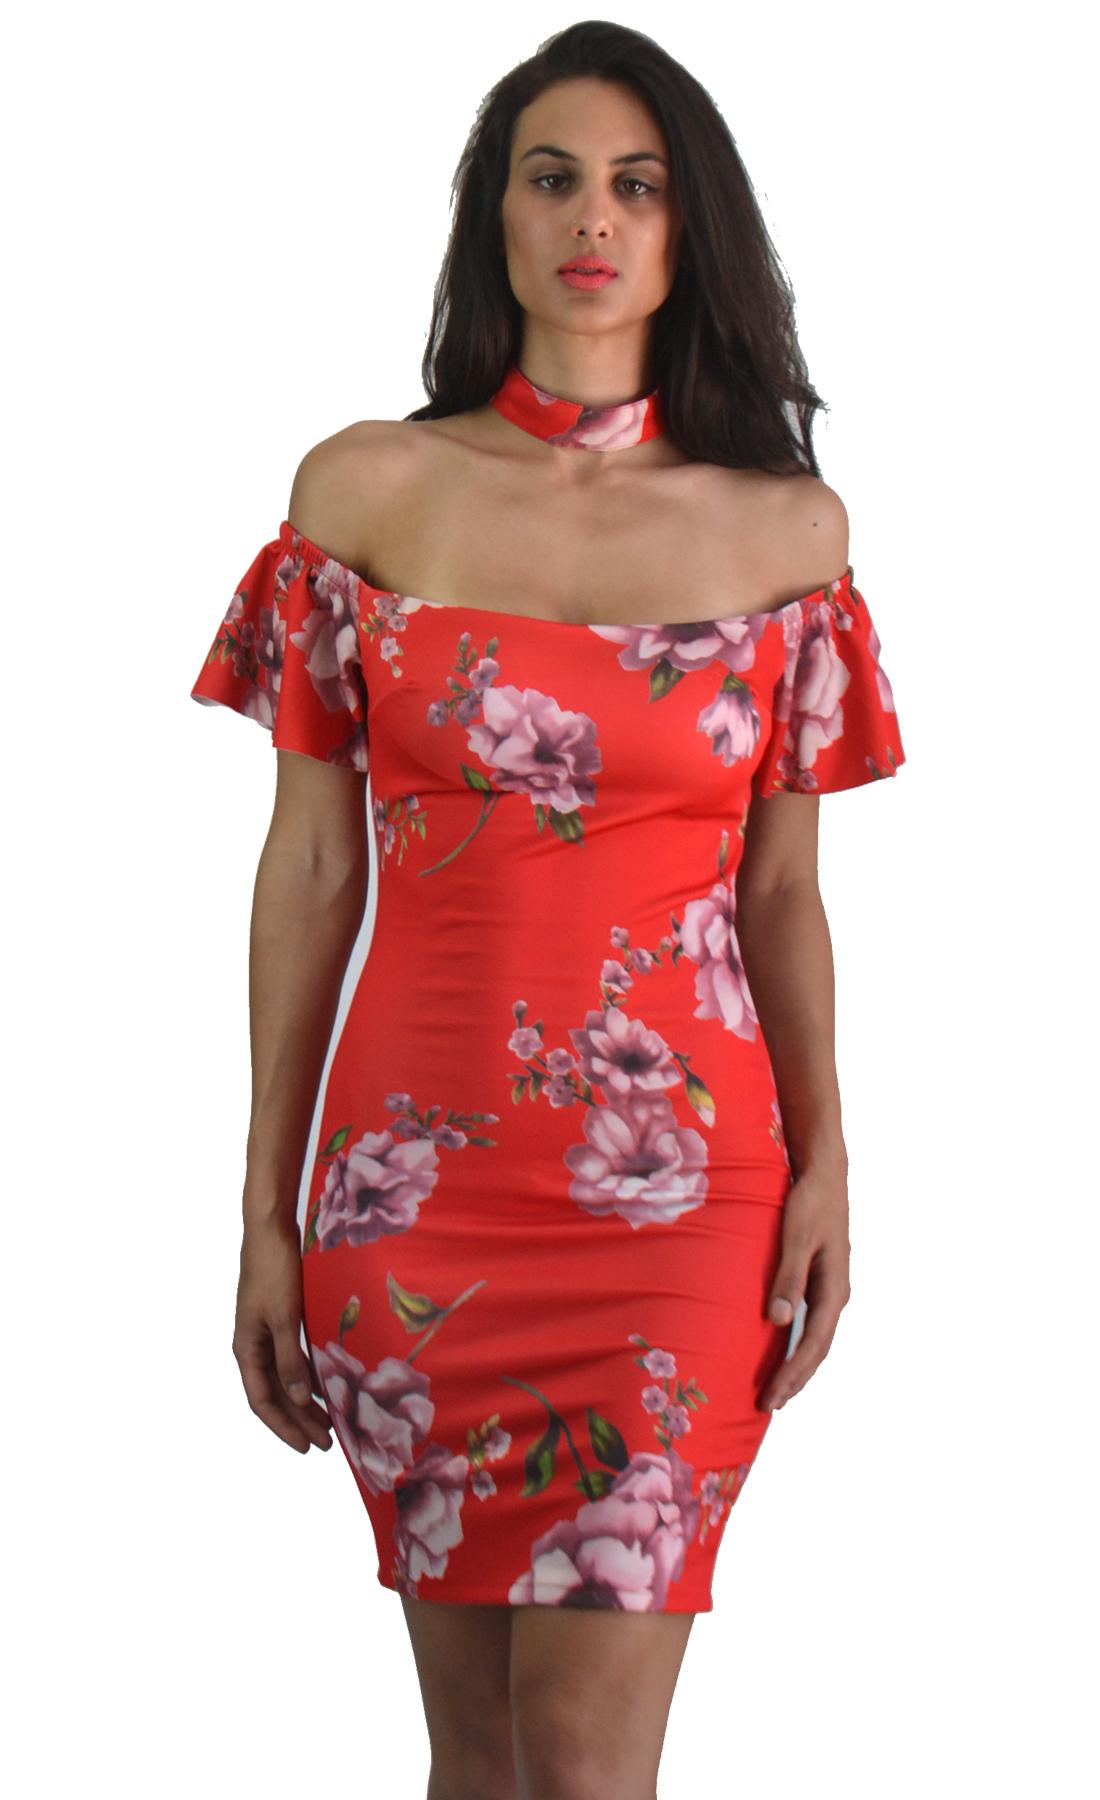 Κοκτέιλ bodycon φλοράλ φόρεμα - OEM - S17SOF-58322 φορέματα μίνι φορέματα